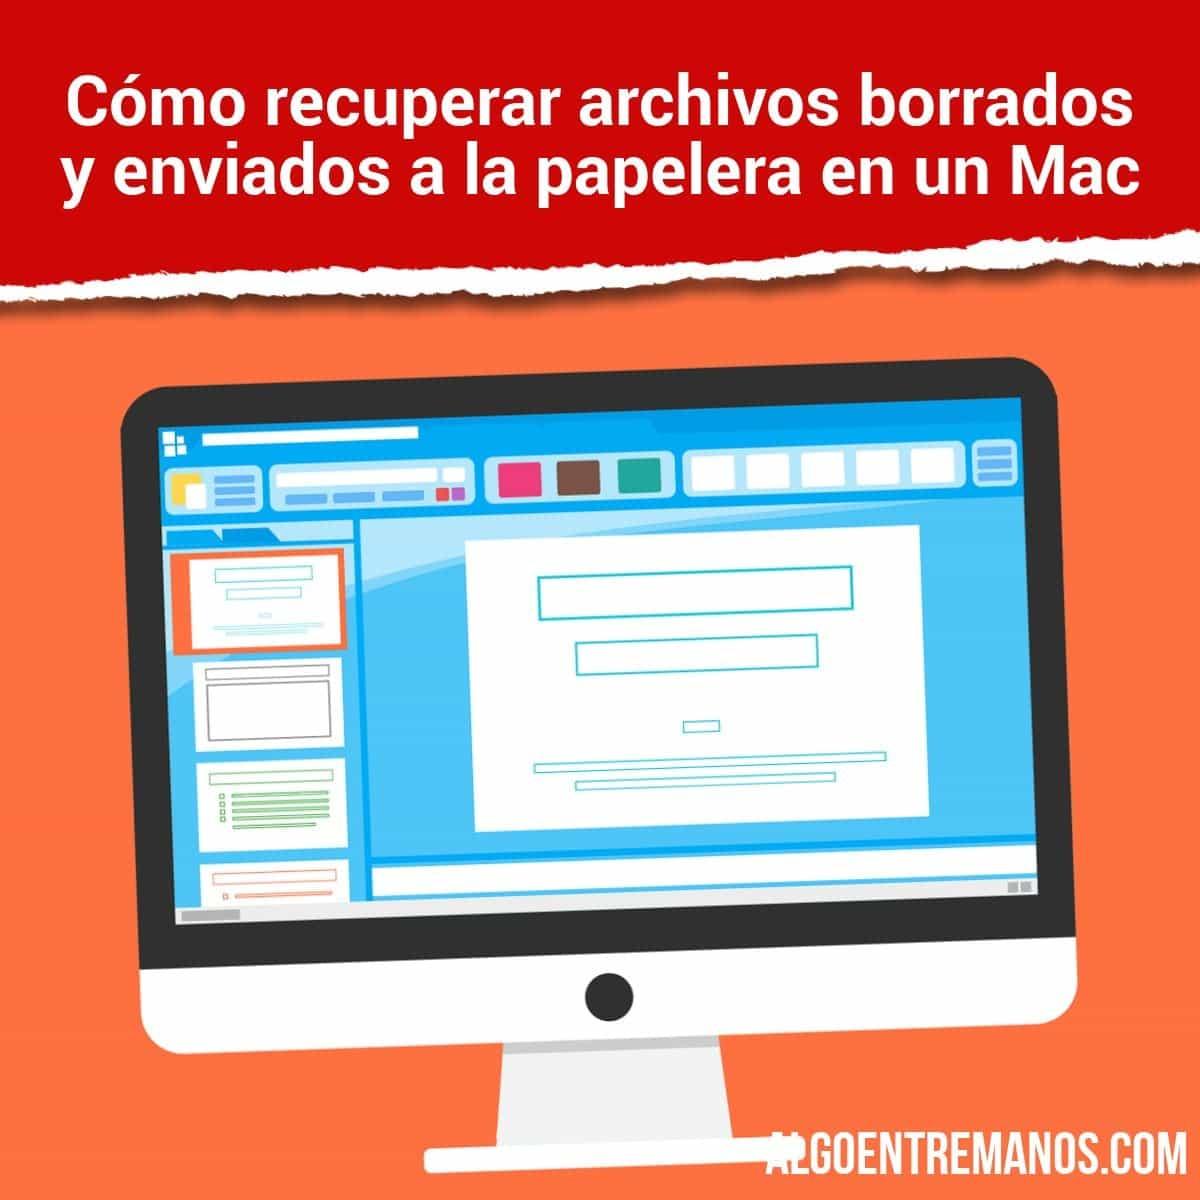 Cómo recuperar archivos borrados y enviados a la papelera en un Mac